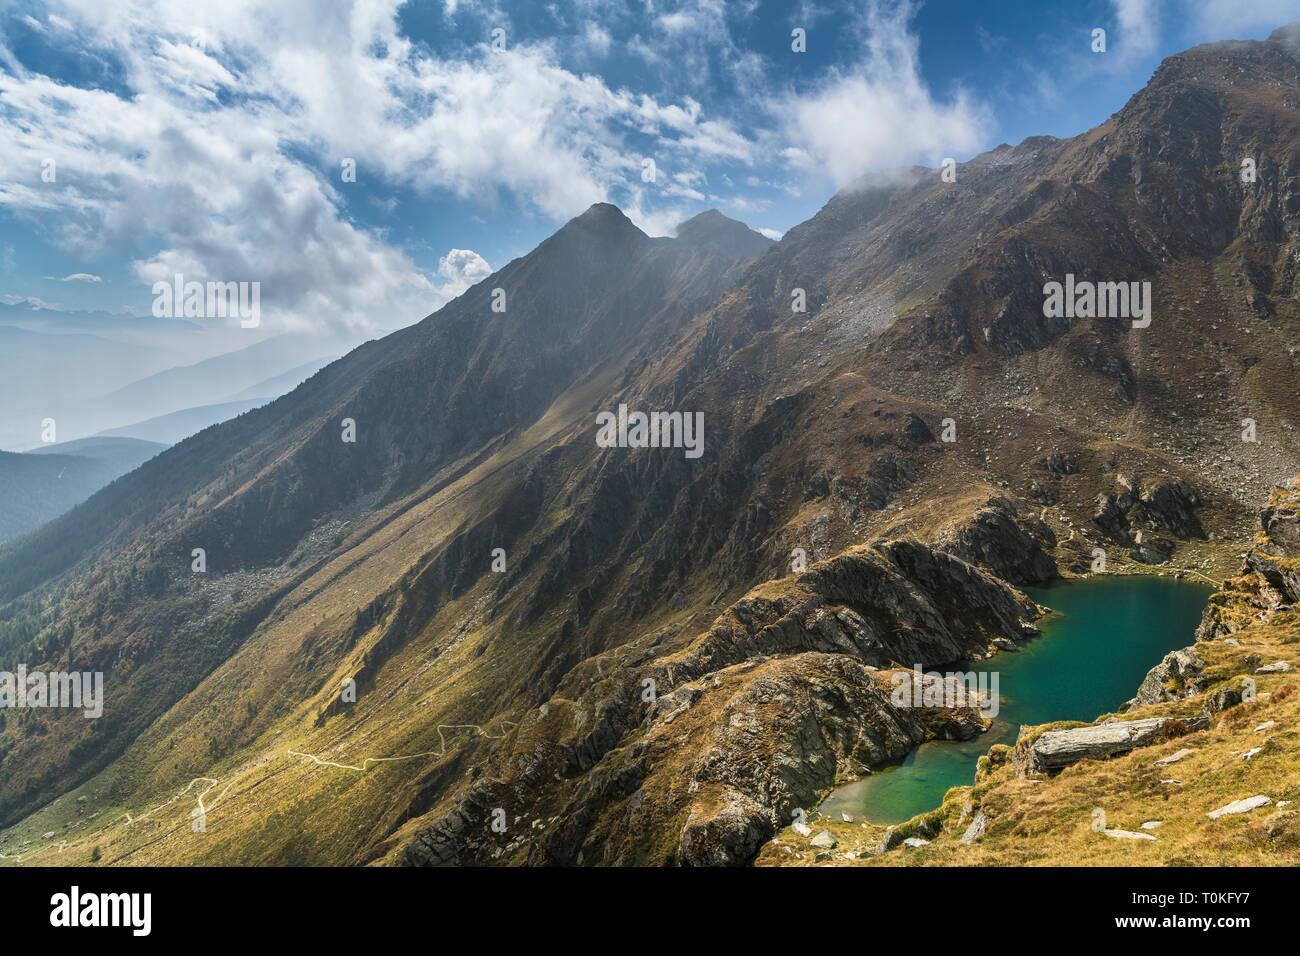 Randonnée pédestre à Seefeldspitze Seefeldsee, vue de la société valser, Tal, Pfunderer Berge, Tyrol du Sud, Italie Banque D'Images